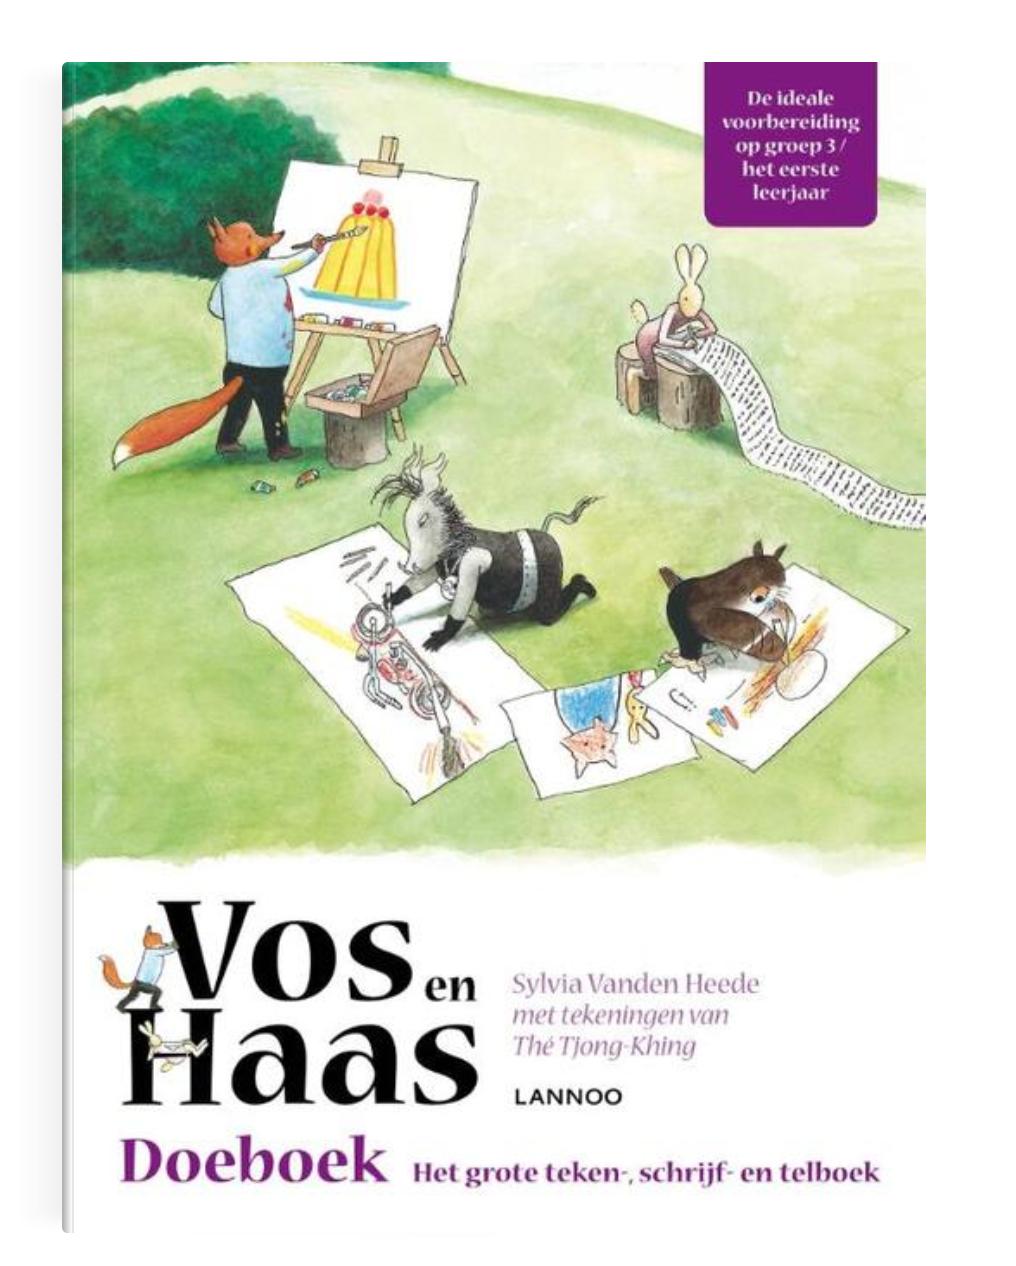 Doeboek - Vos en Haas - Lannoo-1